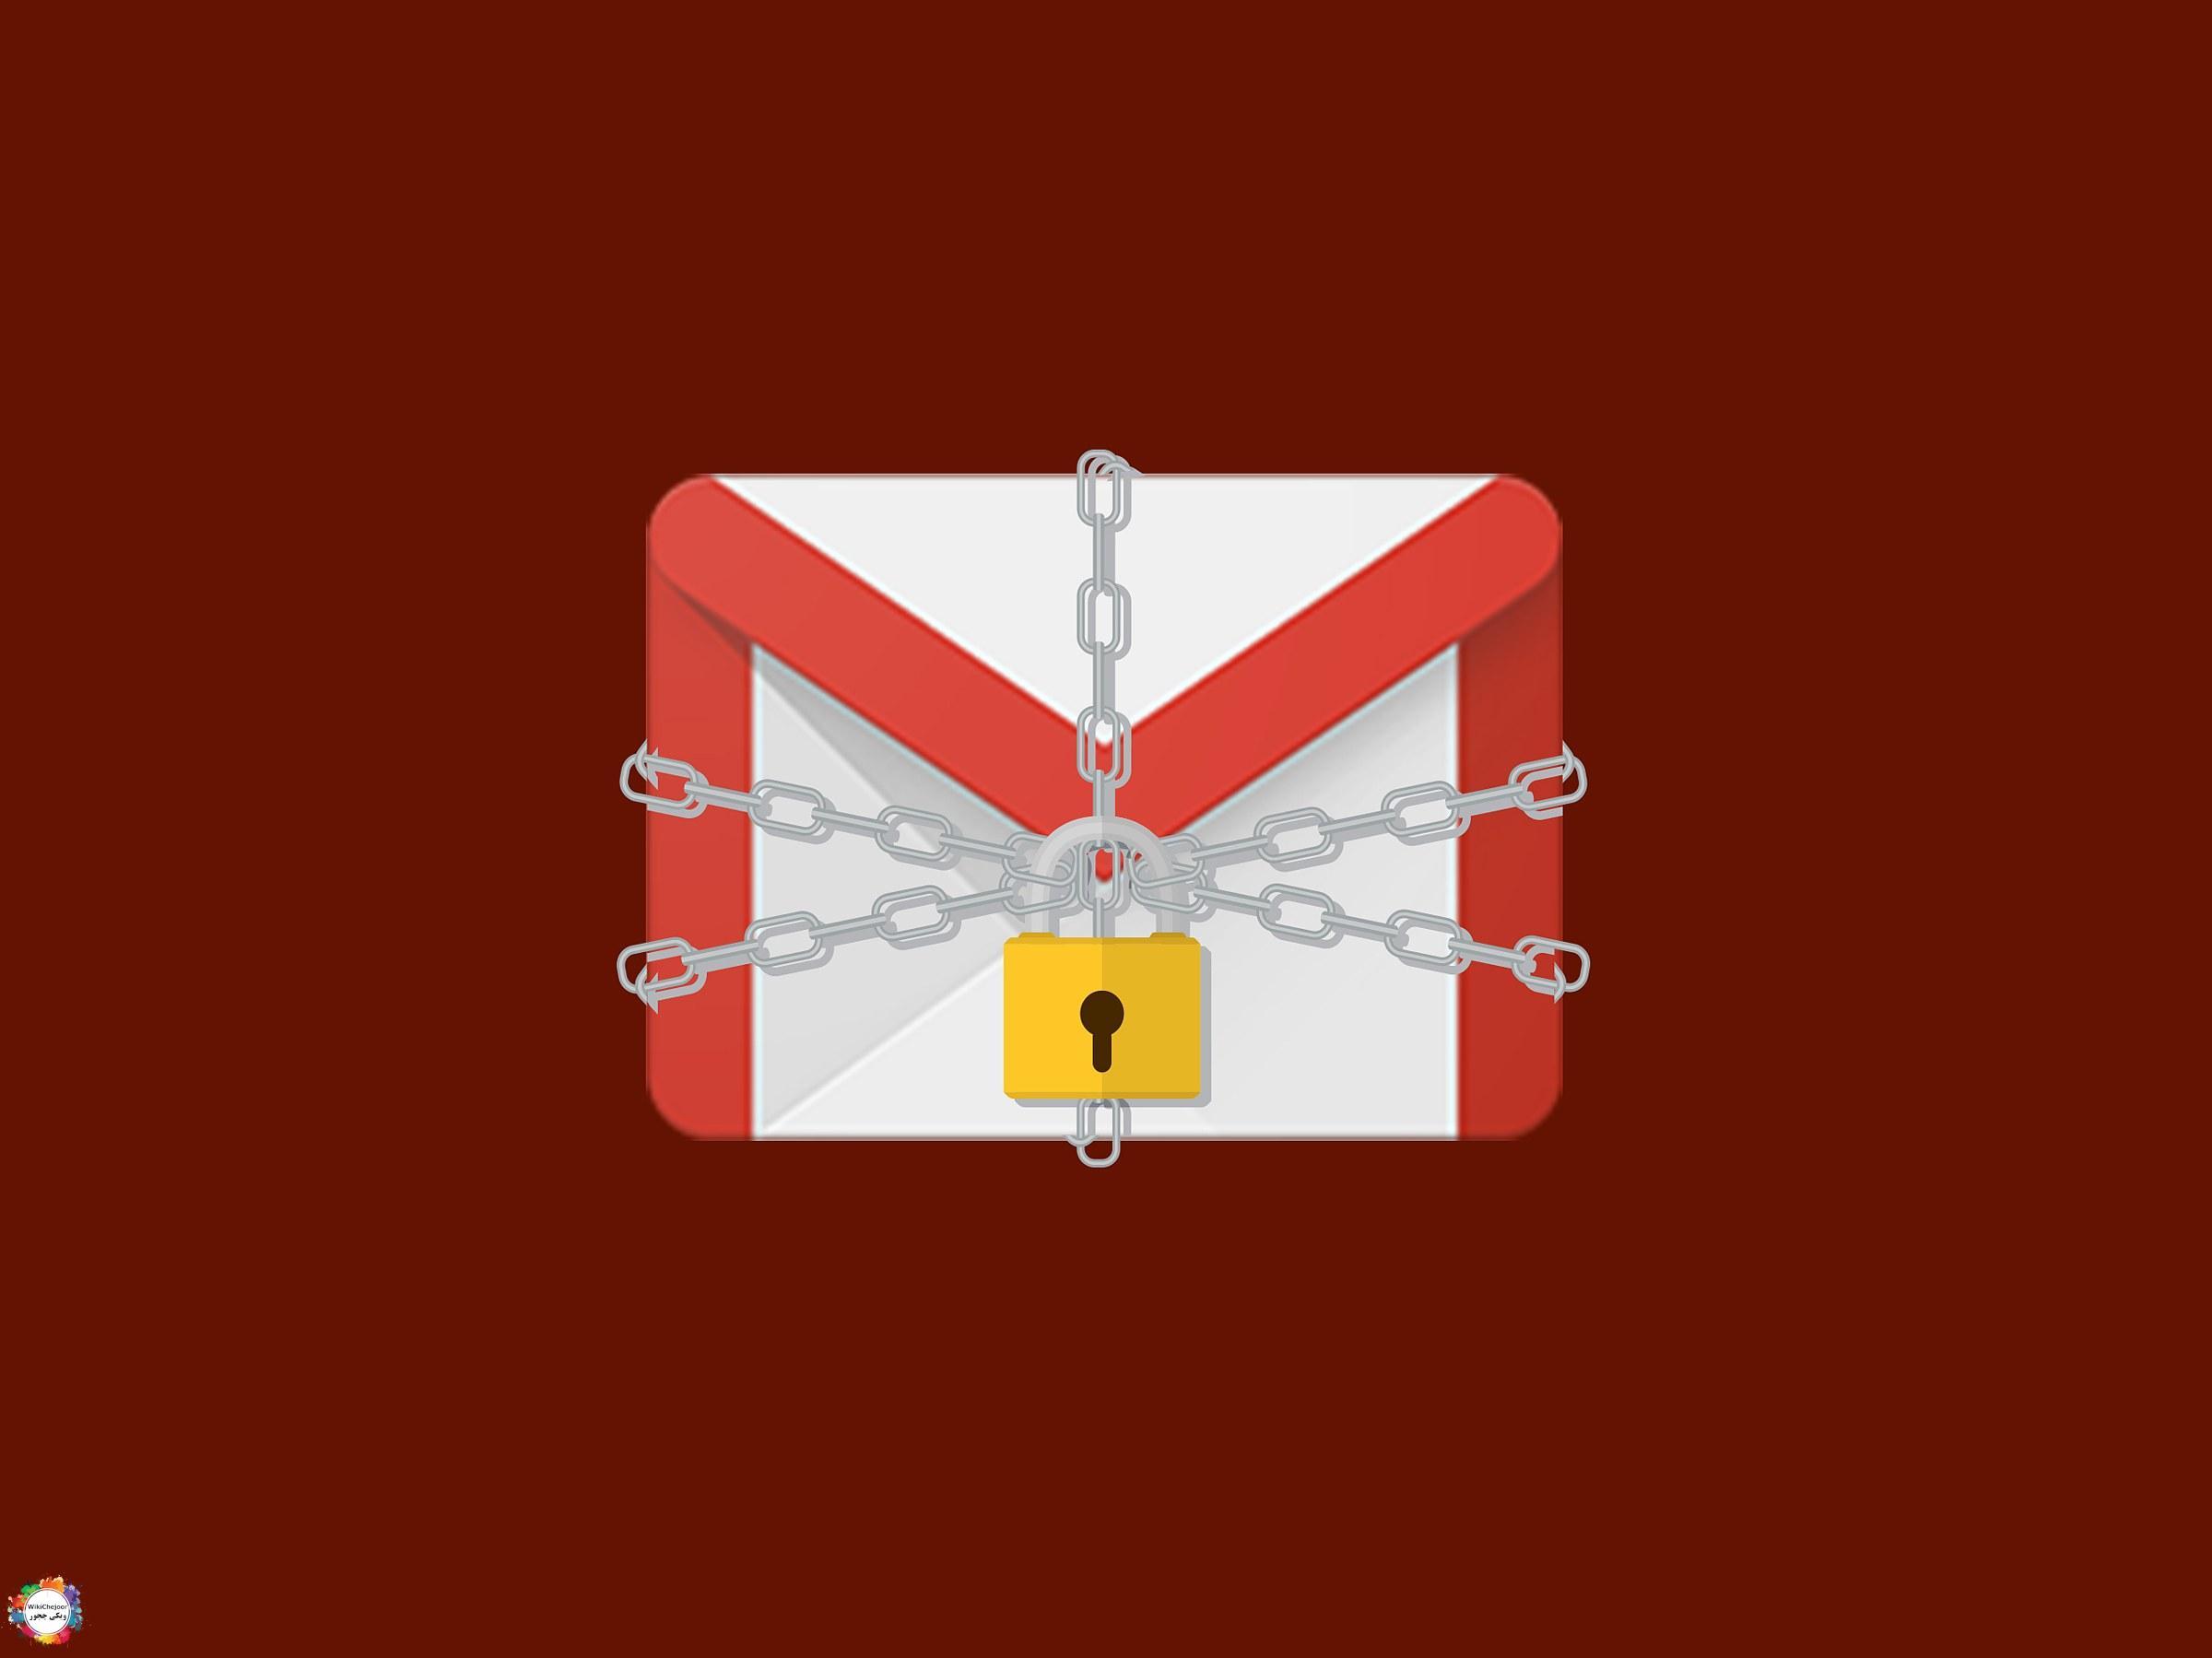 چگونه یک ایمیل بازیابی را به حساب Google خود اضافه کنیم؟